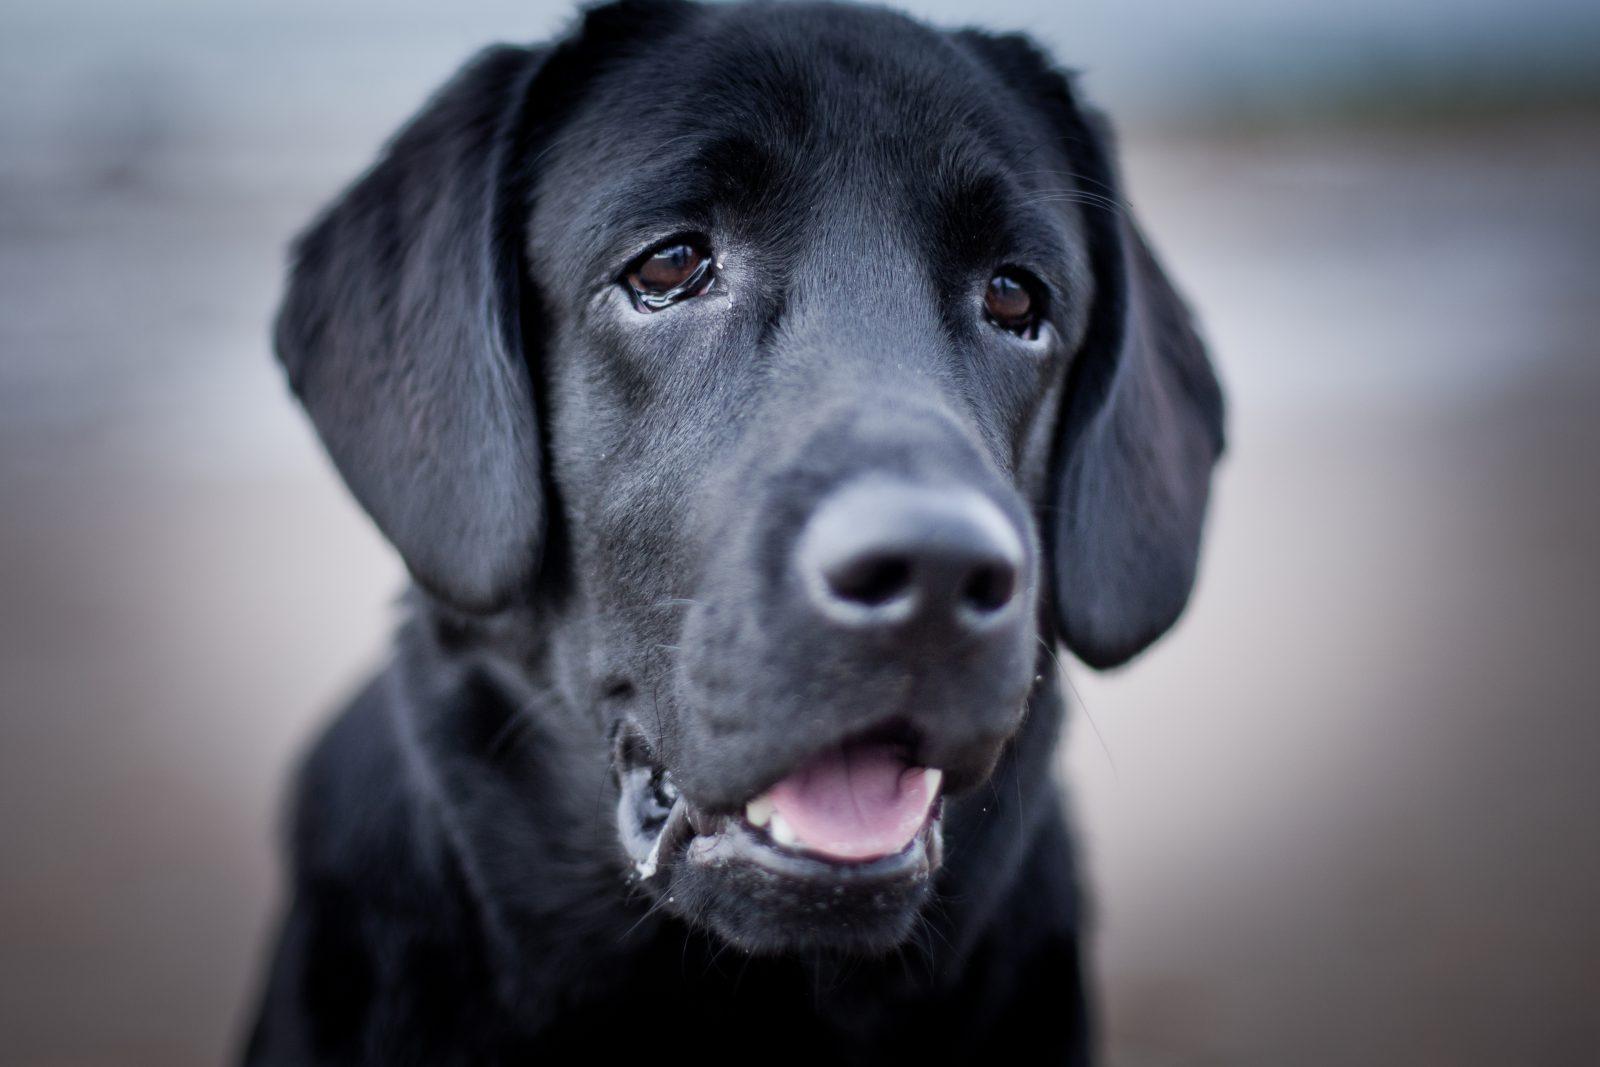 Cachorros de raça: Labrador retriever de pelagem preta.